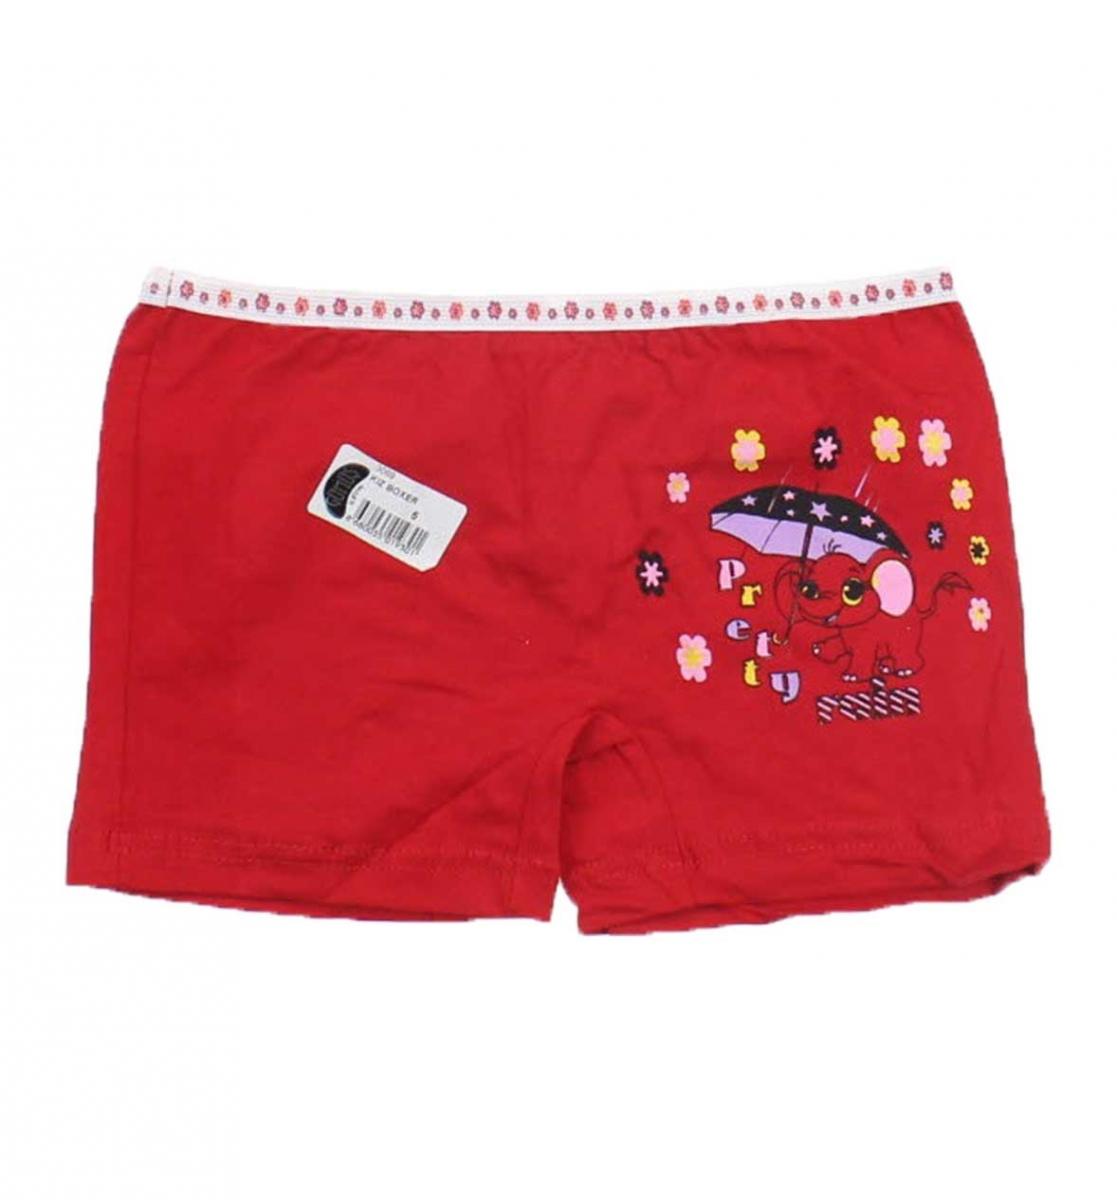 Gümüş İç Giyim 6′lı Kız Çocuk Boxer 040-3069-002